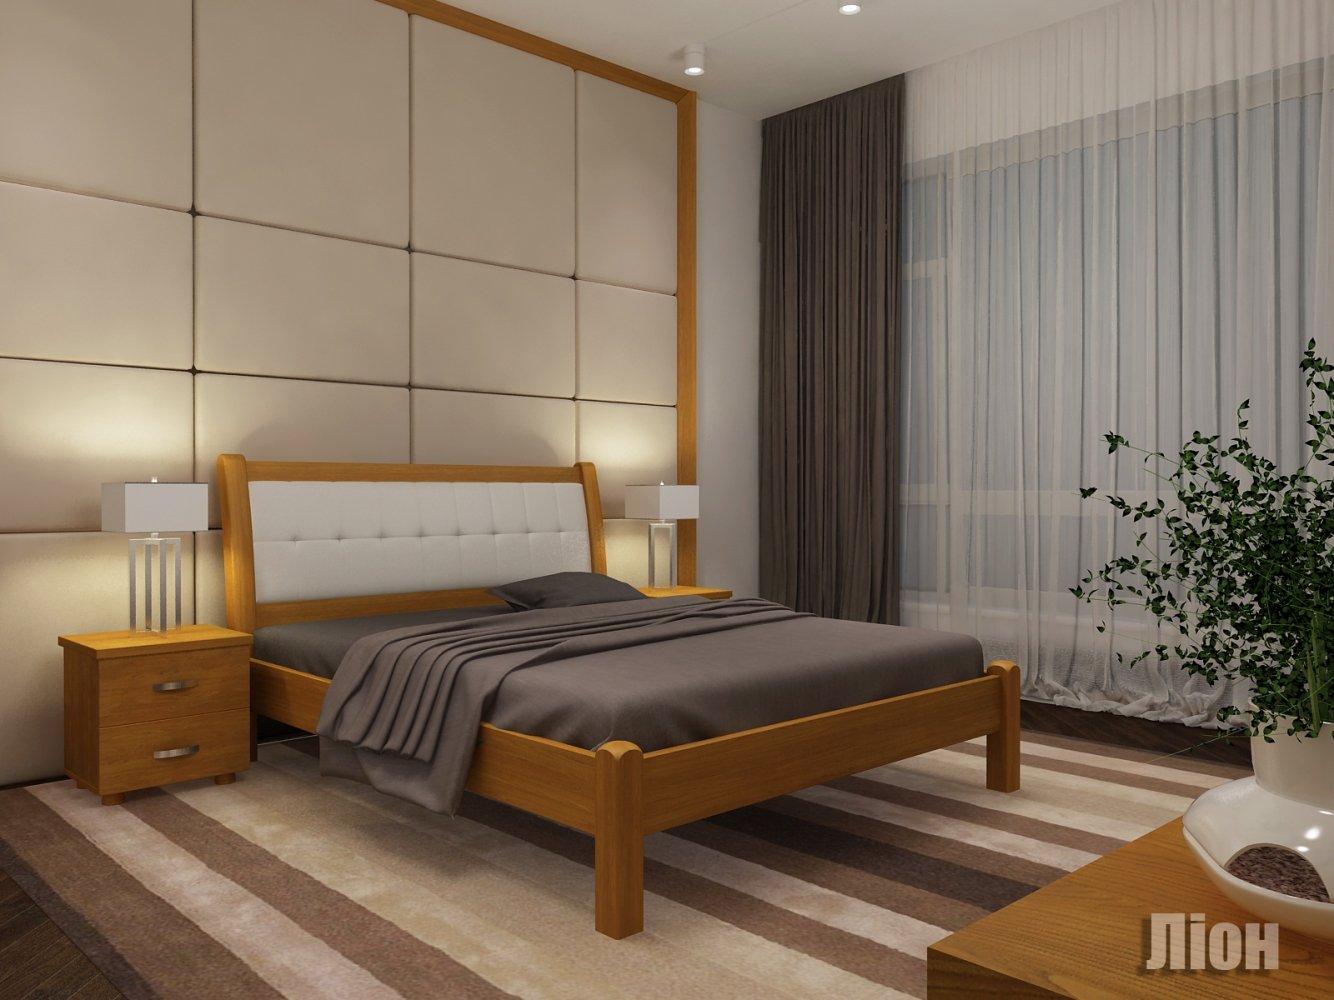 Ліжко Ліо 9